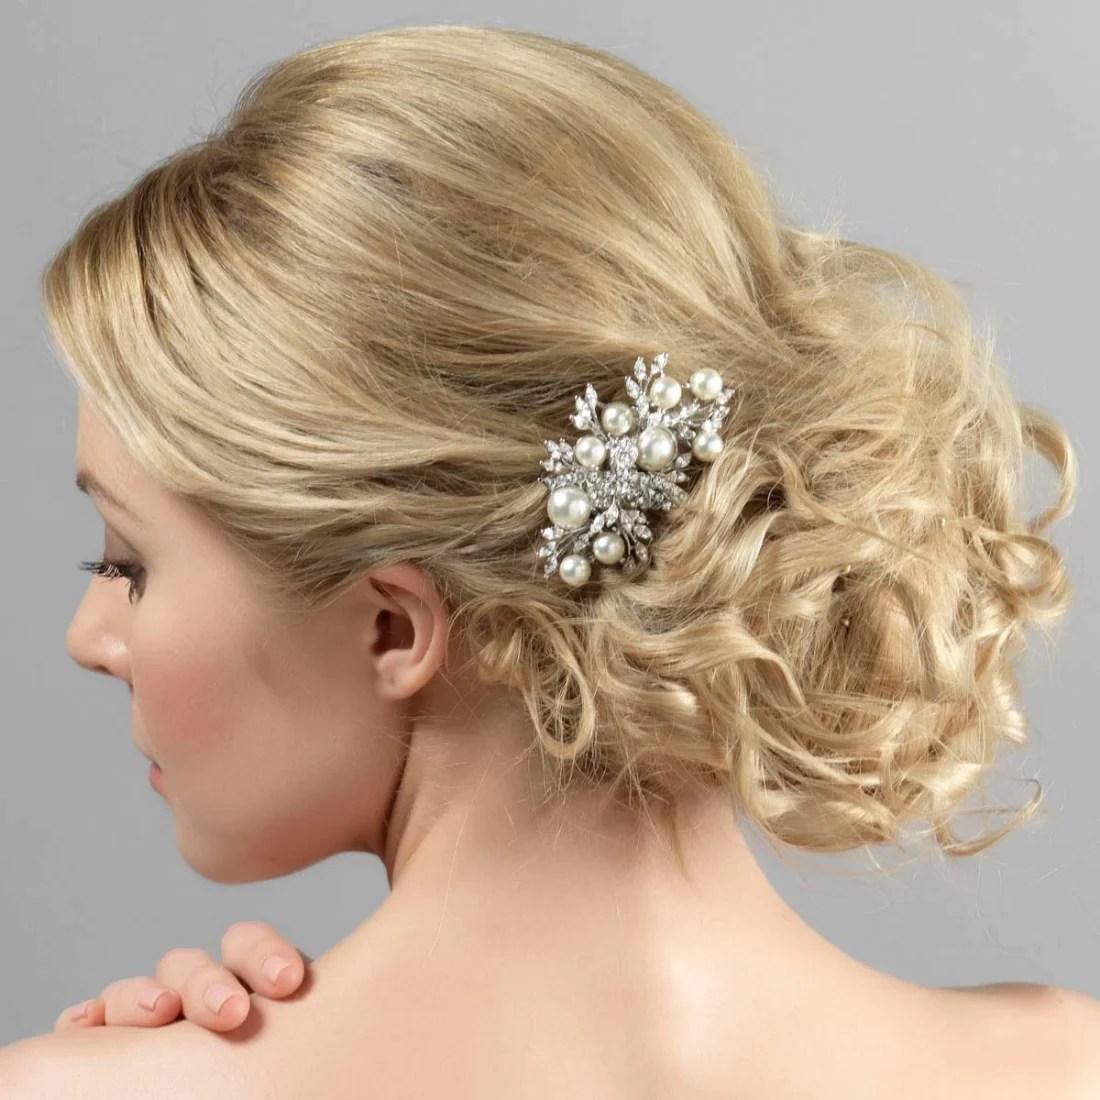 Enchanting Pearl Hair Comb Accessory At Glitzy Secrets